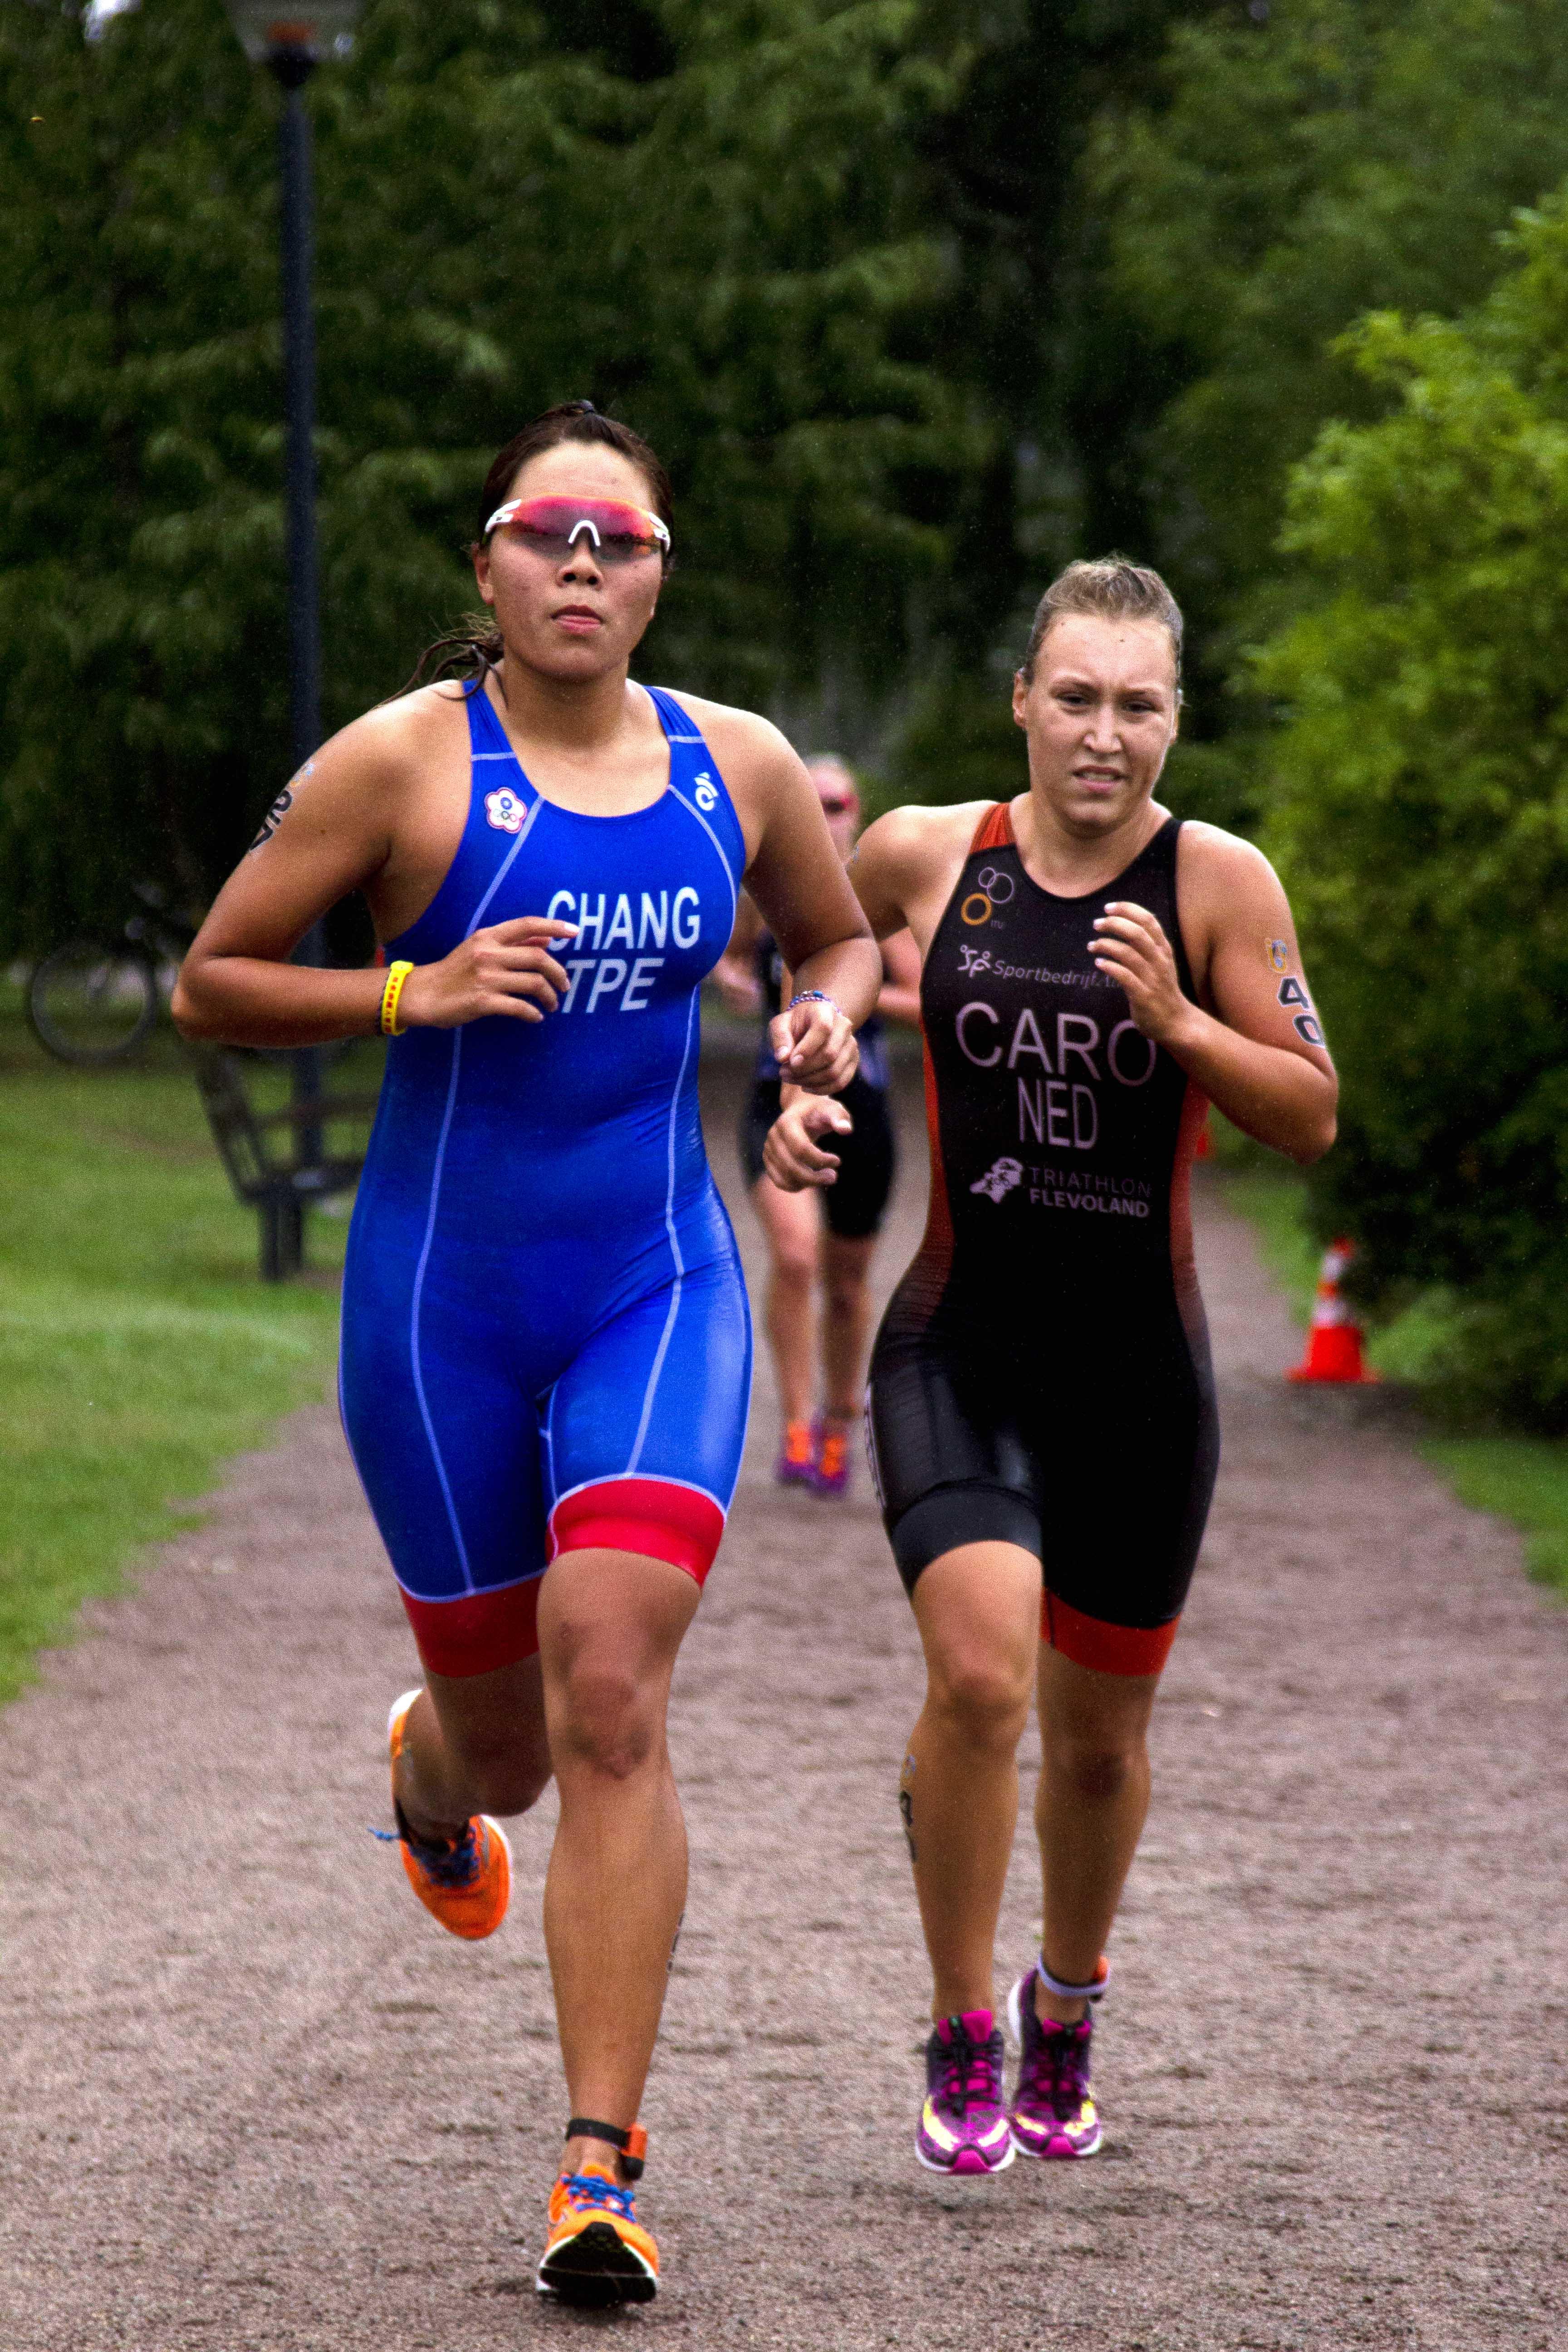 Två löpare kämpar hår.